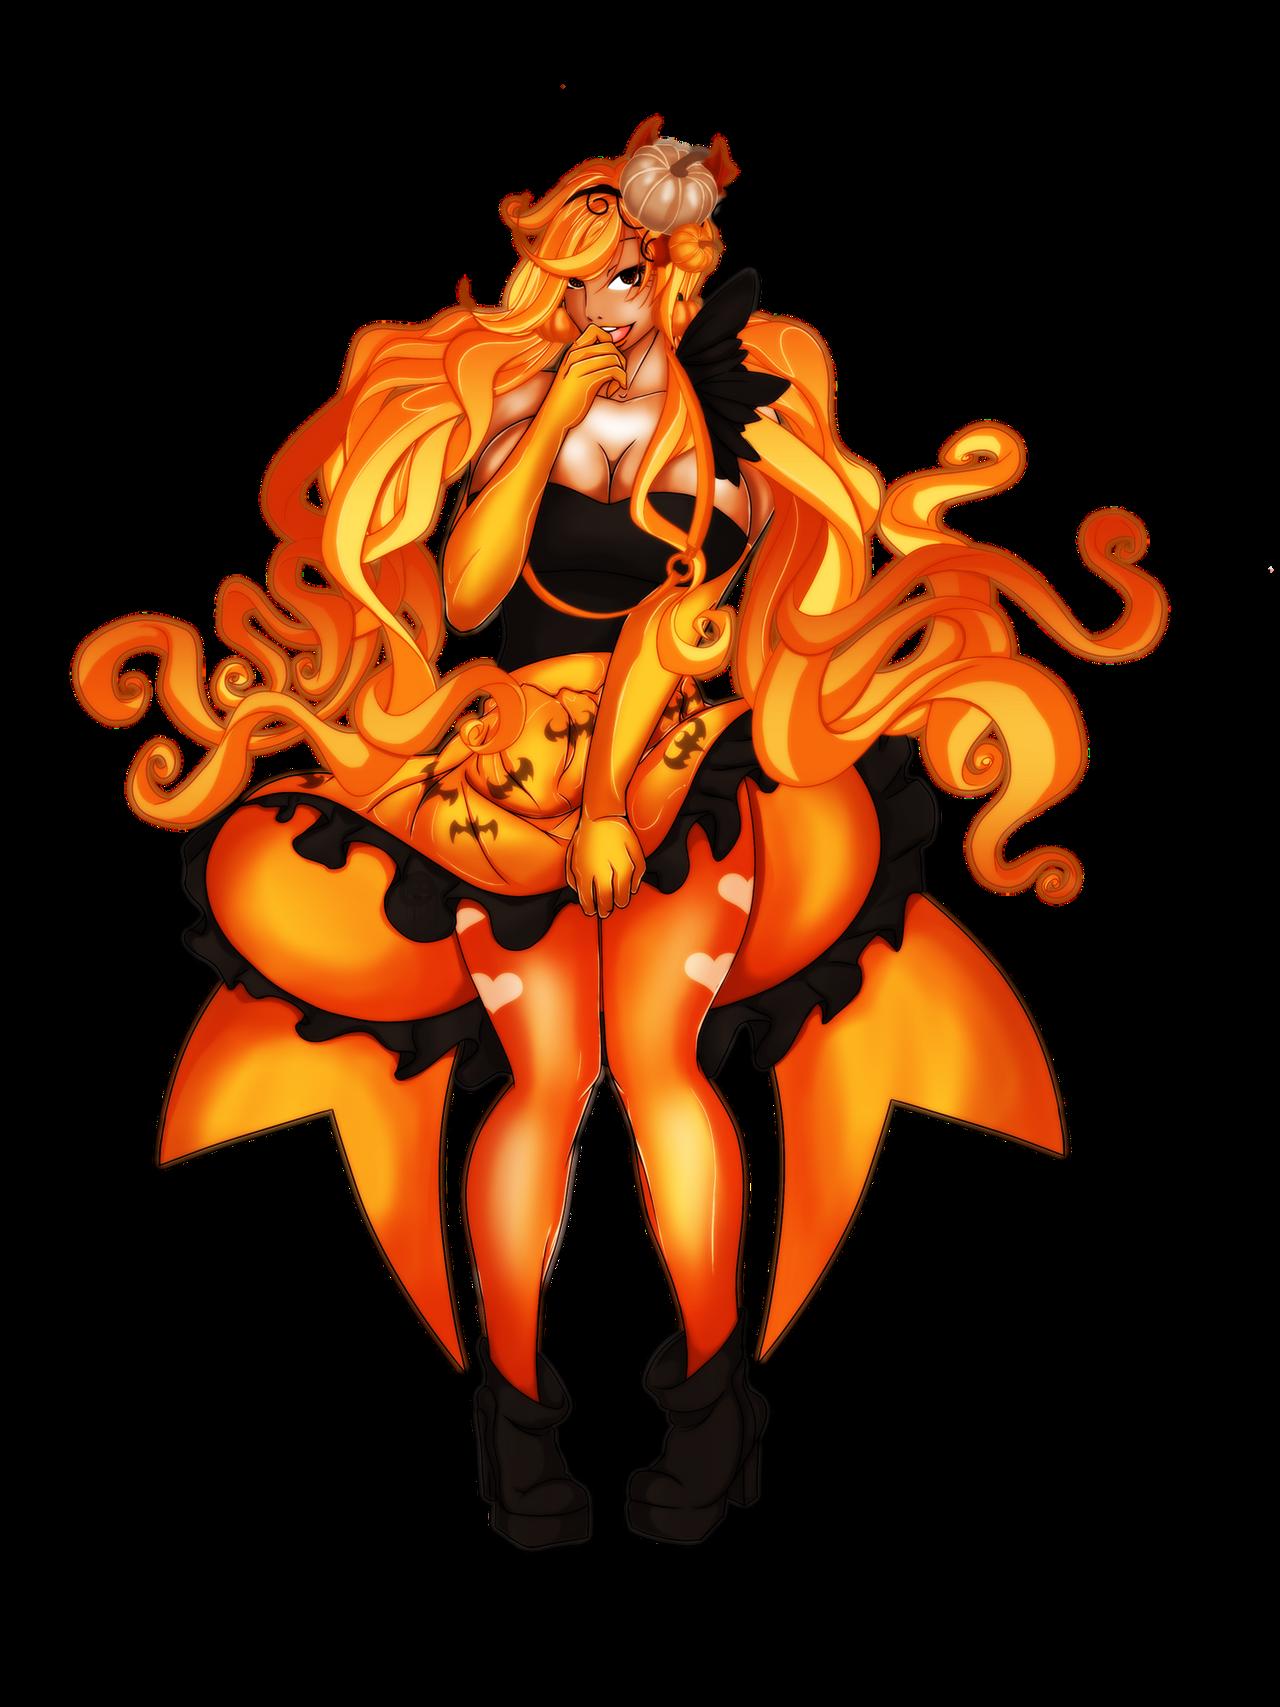 Image Result For Anime Wallpaper Orangea